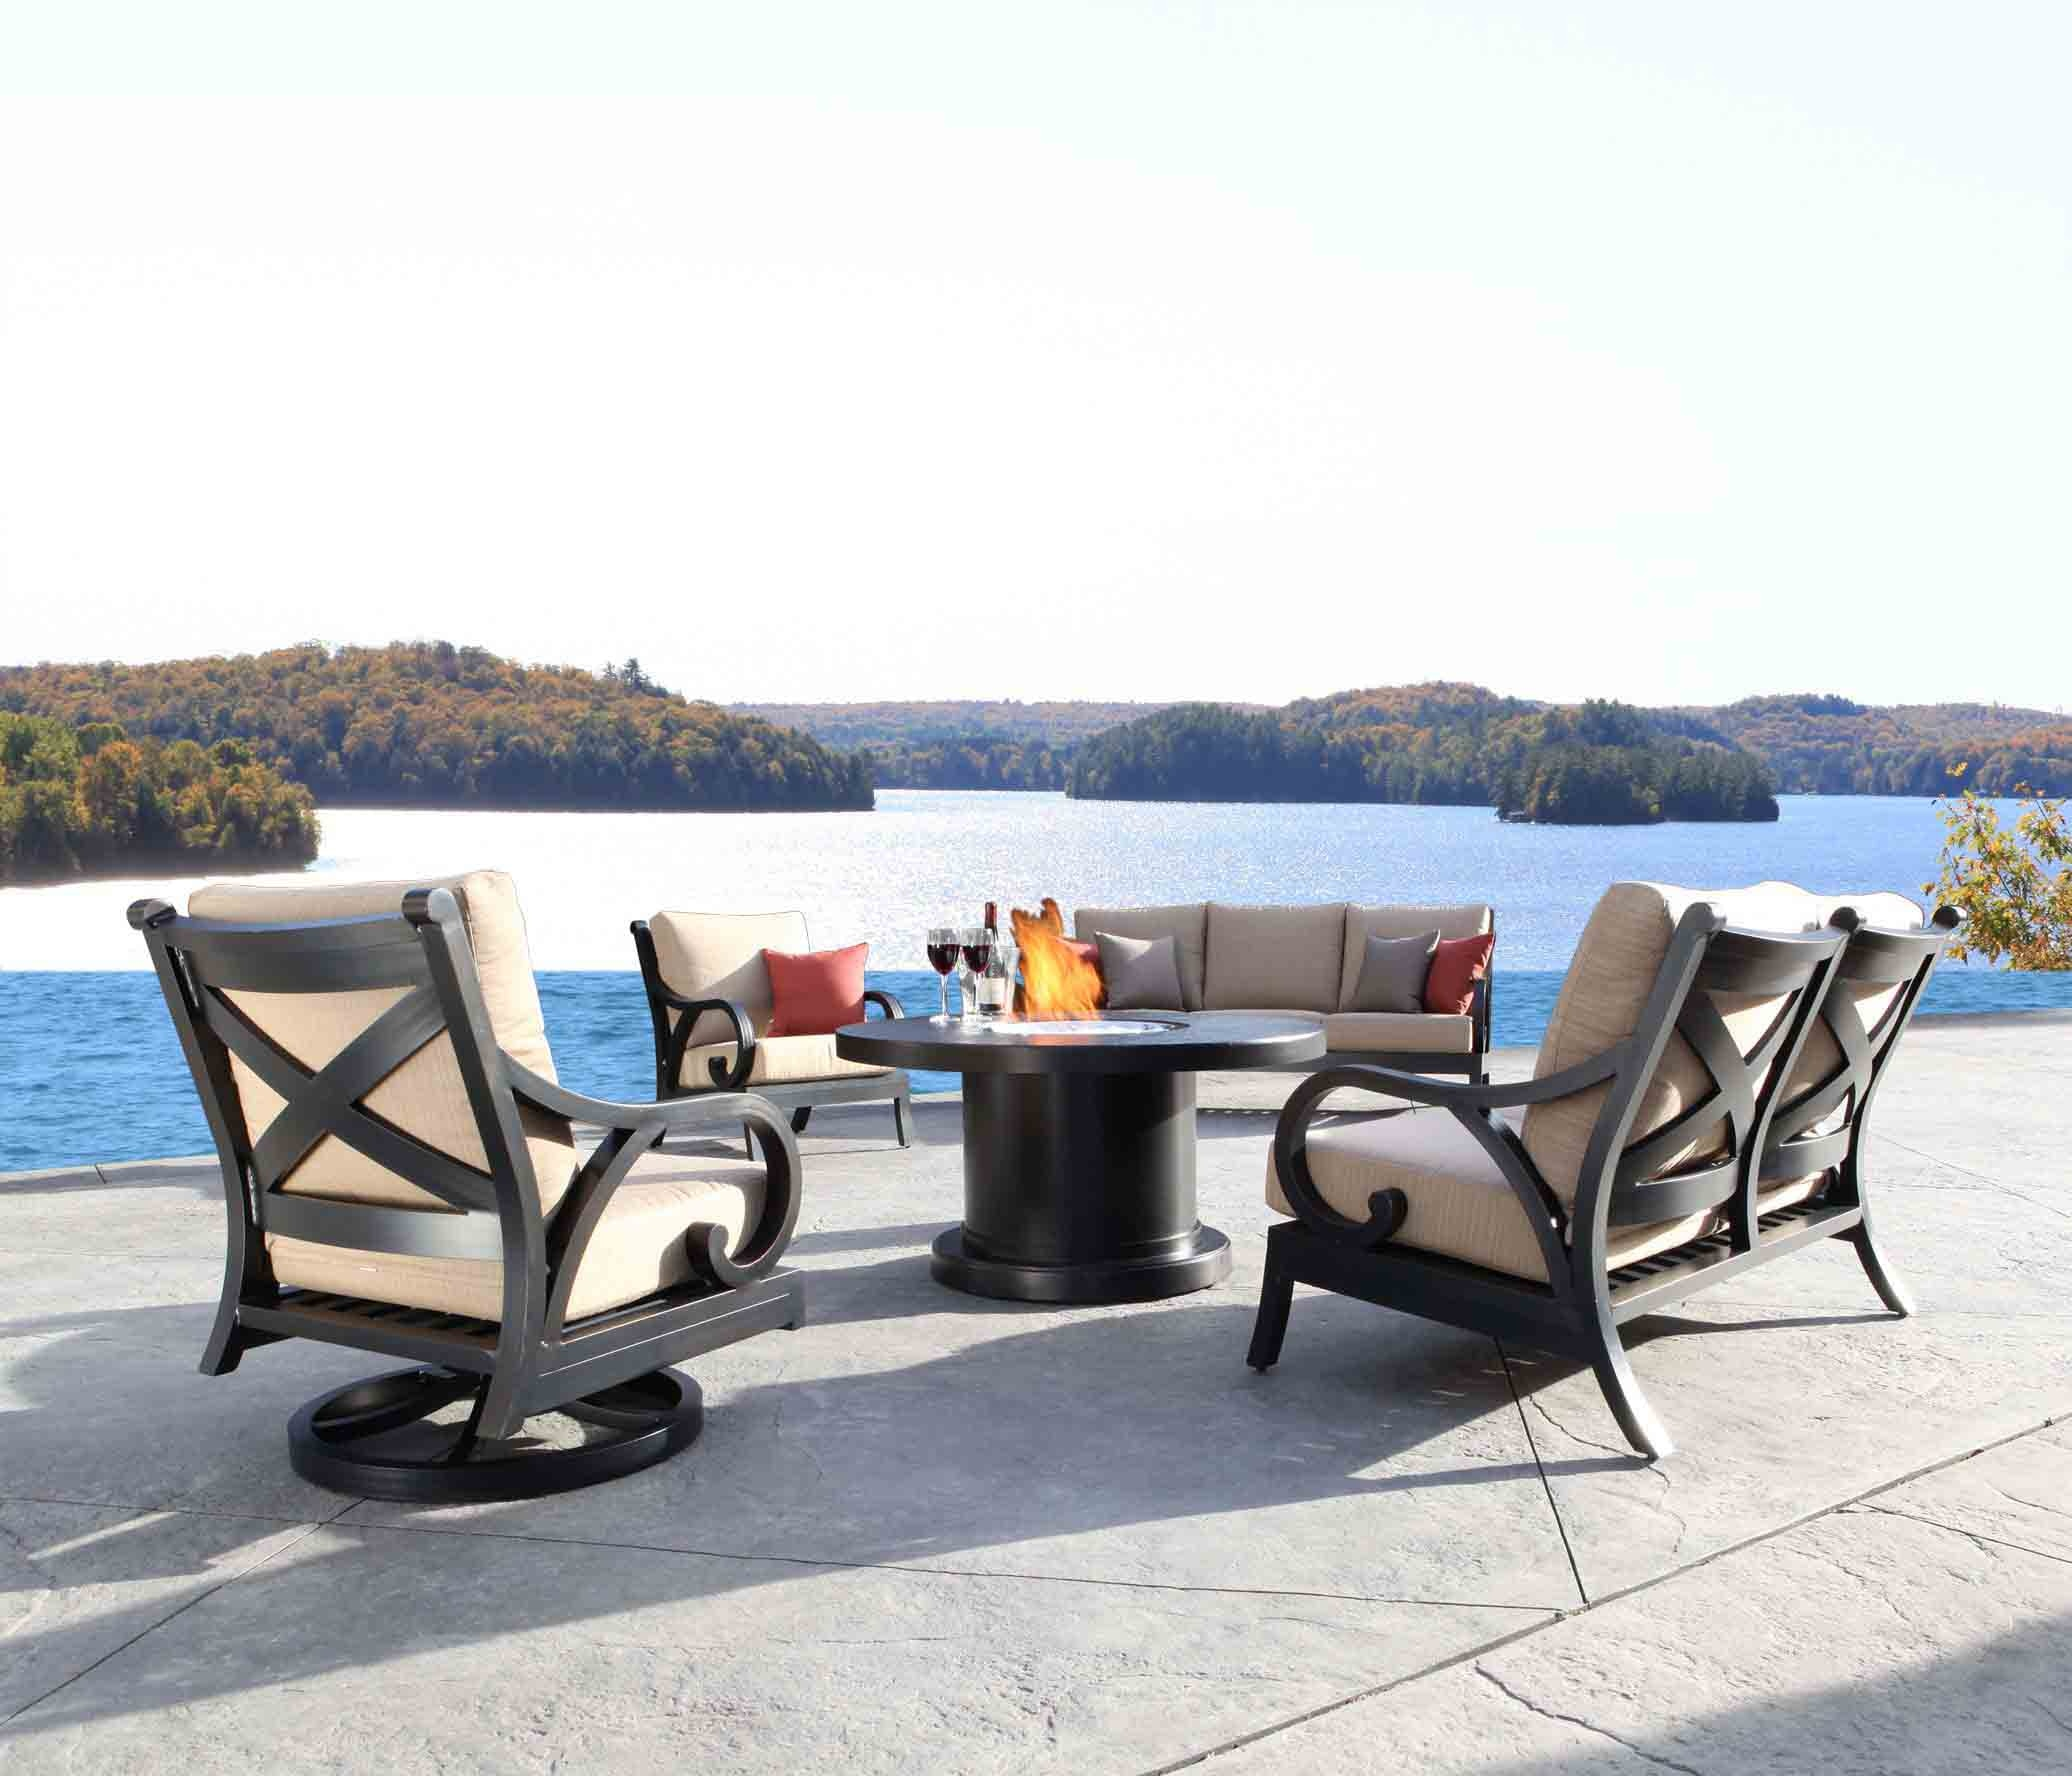 CabanaCoast Furniture Monaco 60 Dining Bench 30105